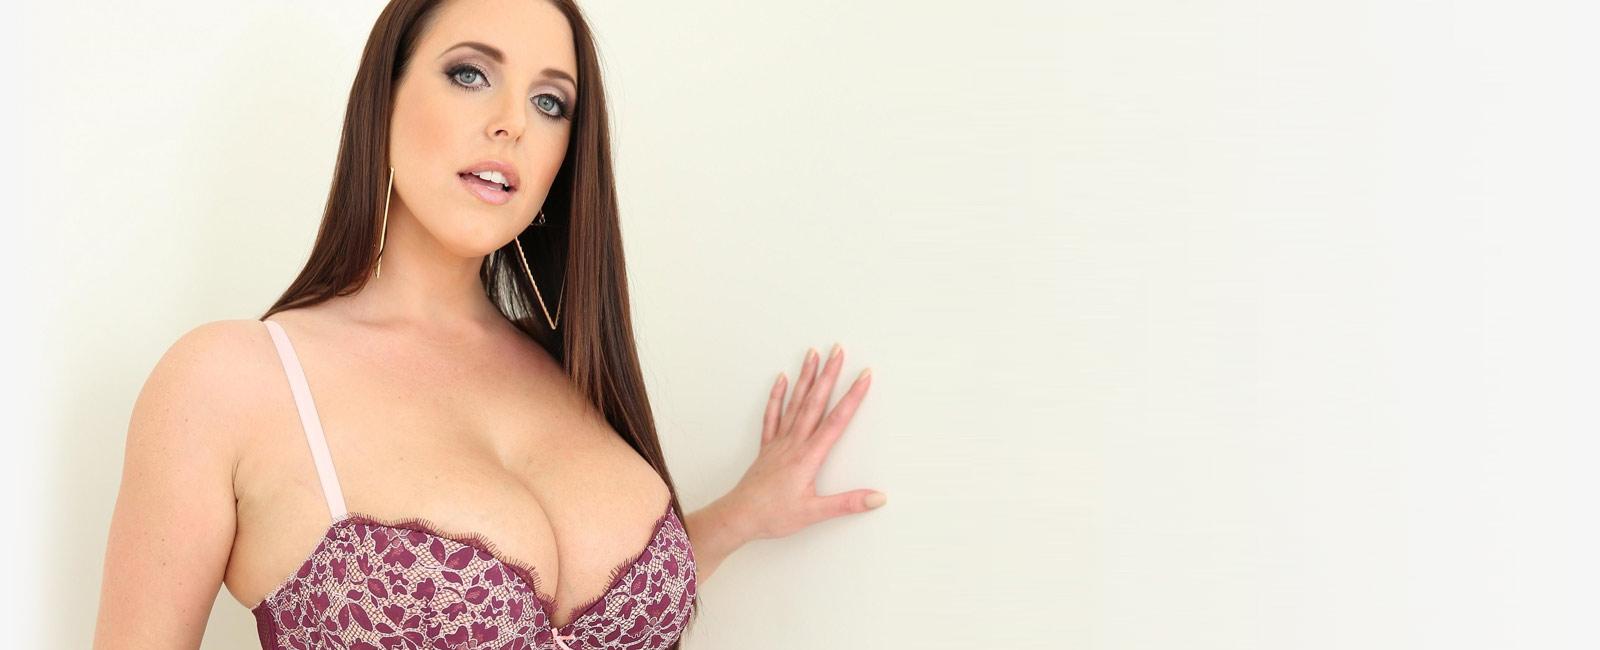 Angela White Background Image